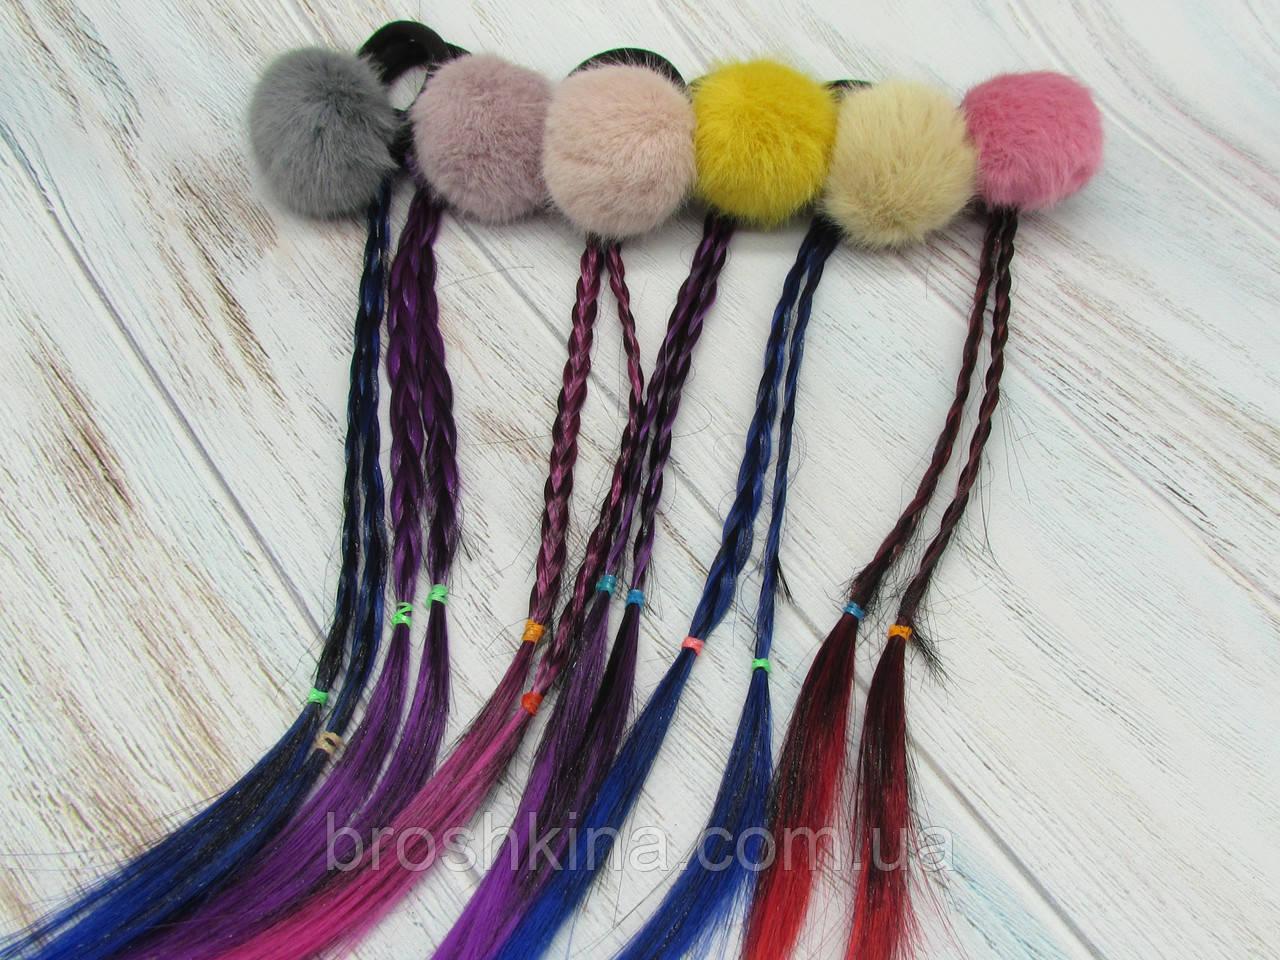 Резинки для волос меховые Ø4 см с косичками 12 шт/уп.